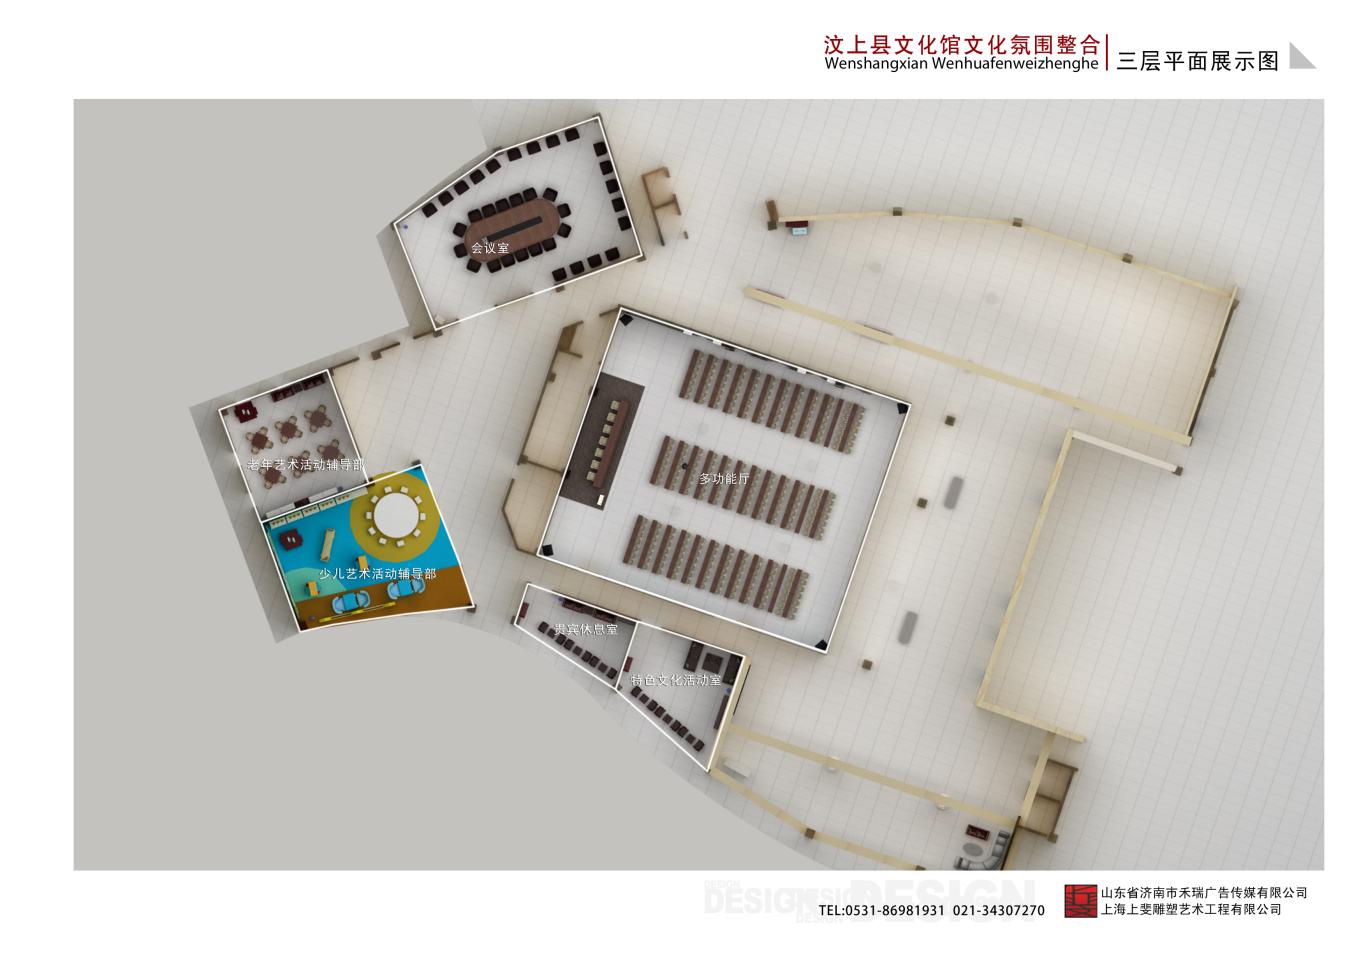 文化艺术中心图31